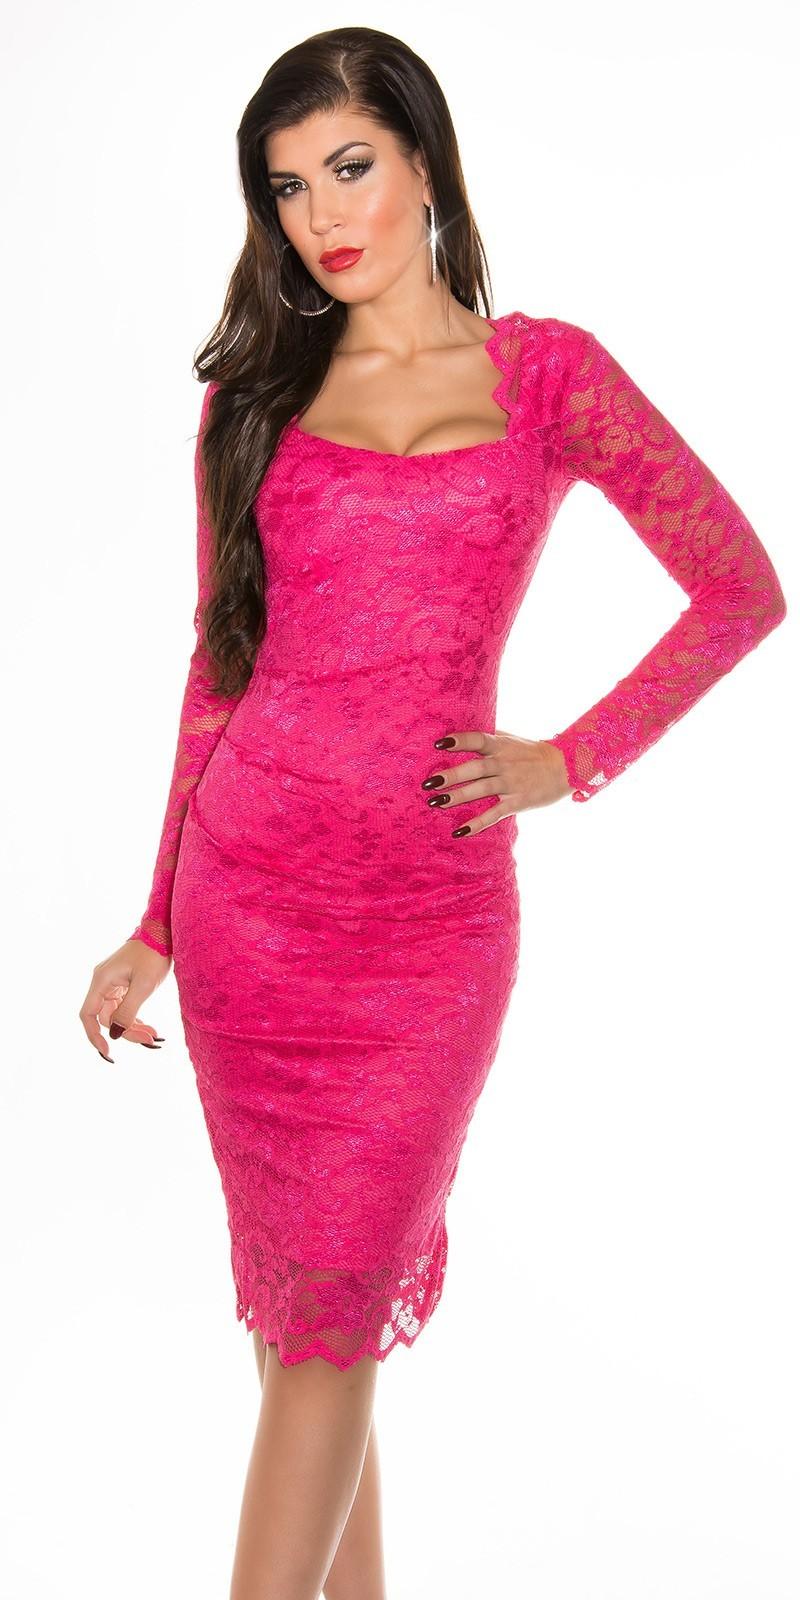 b69de8ae6c Čipkované šaty s dlhým rukávom Fuchsia – Sissy Boutique